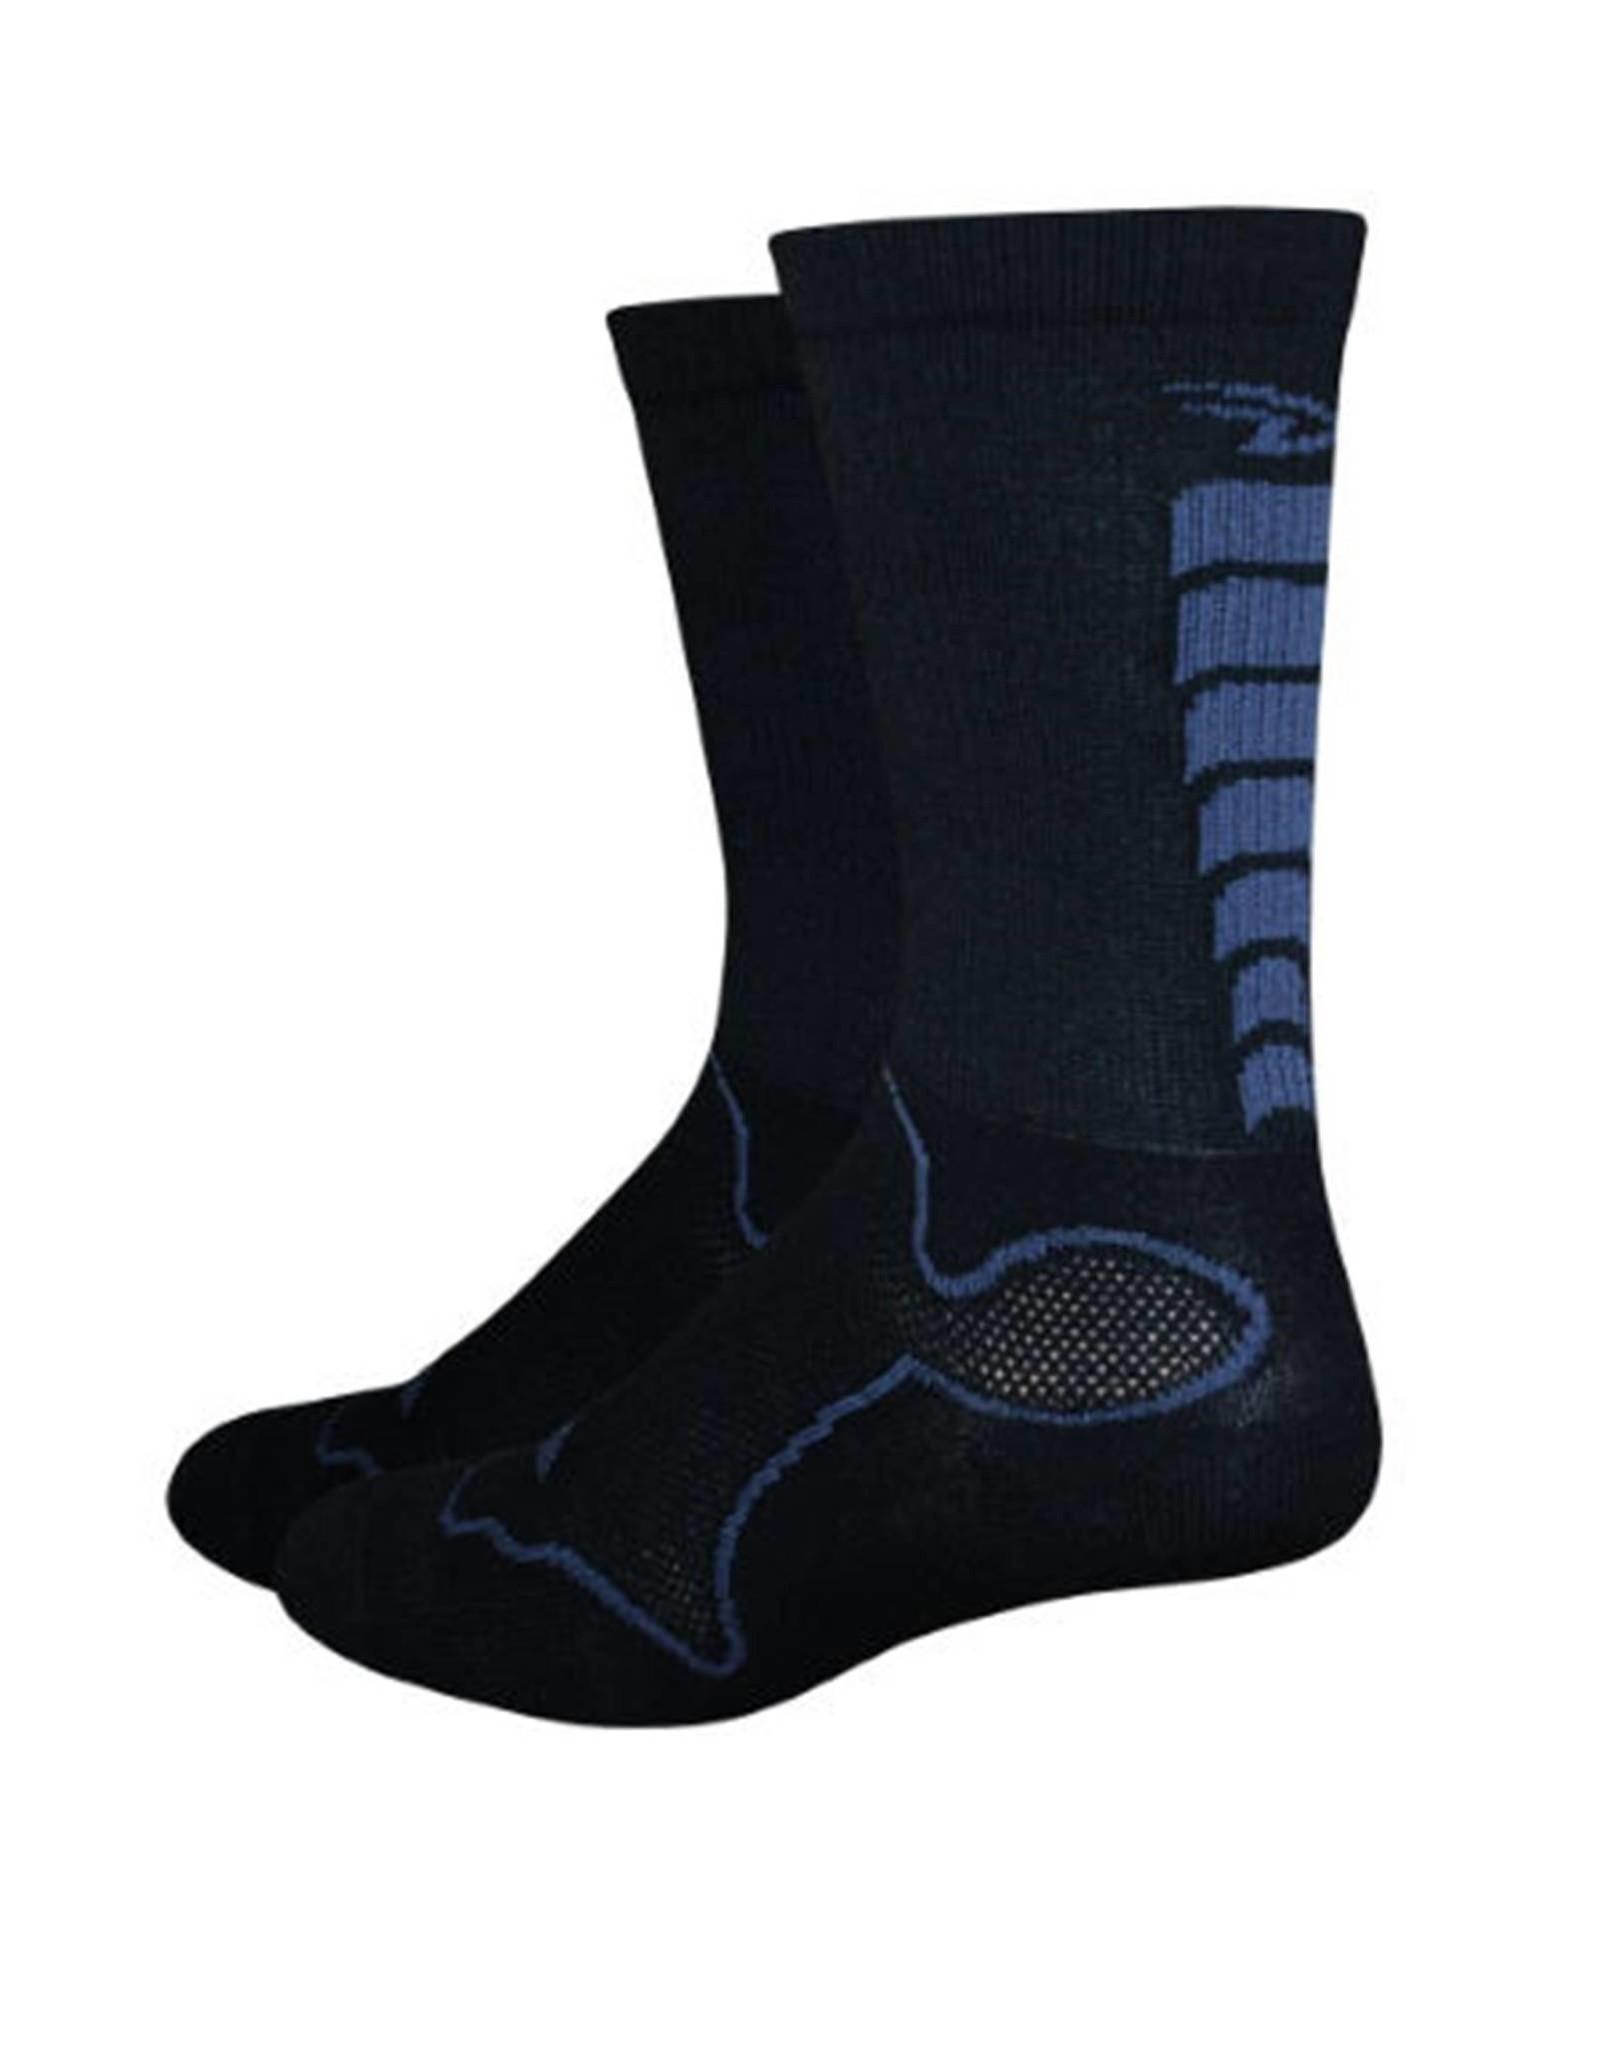 DeFeet Levitator Trail Sock Black/Grey L